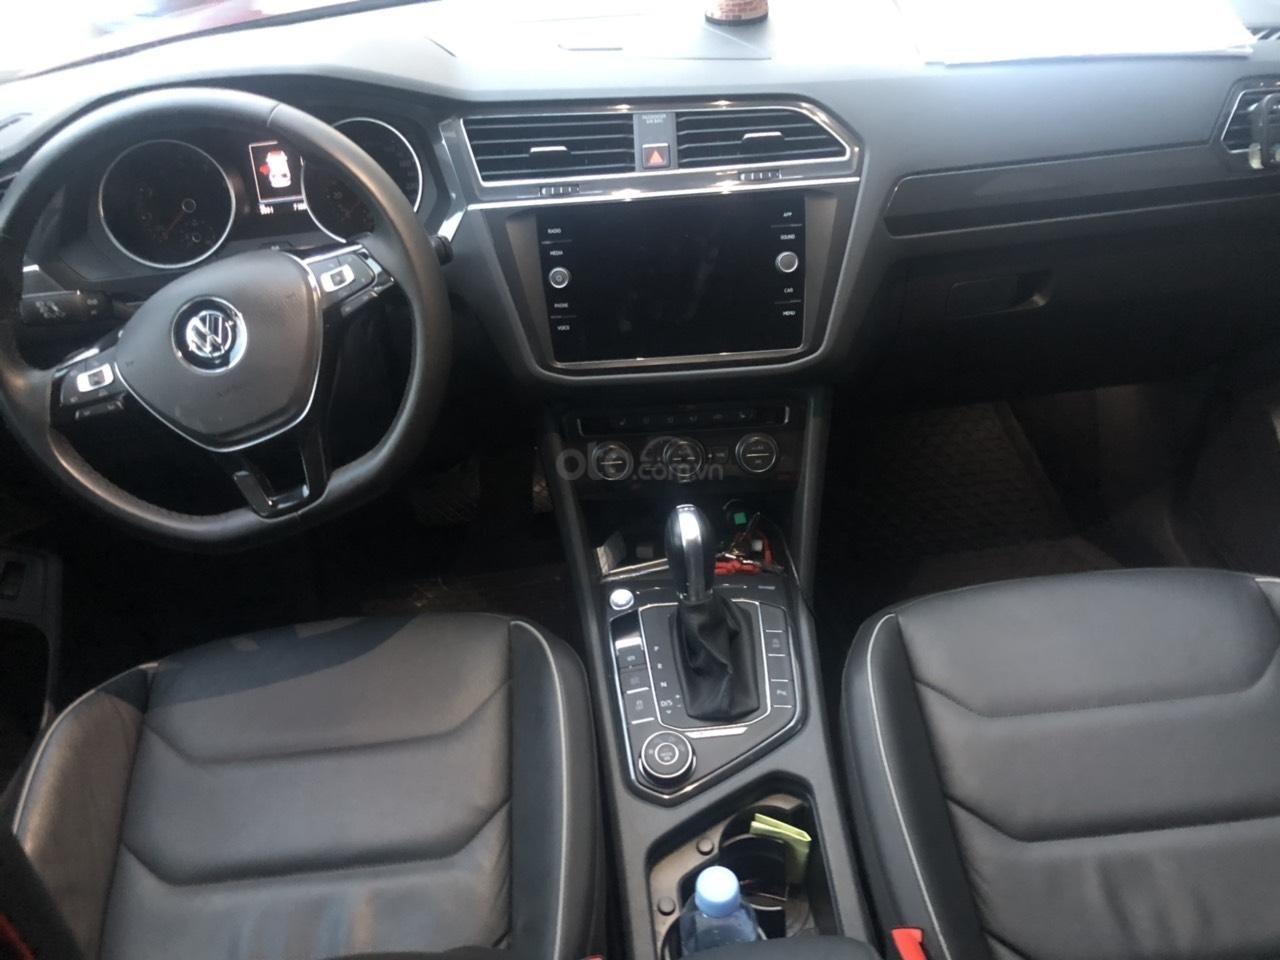 Lên đời bán SUV 7 chỗ VW Tiguan Highline đỏ rượu vang, đăng ký 2019, đi mới 15.000km (5)